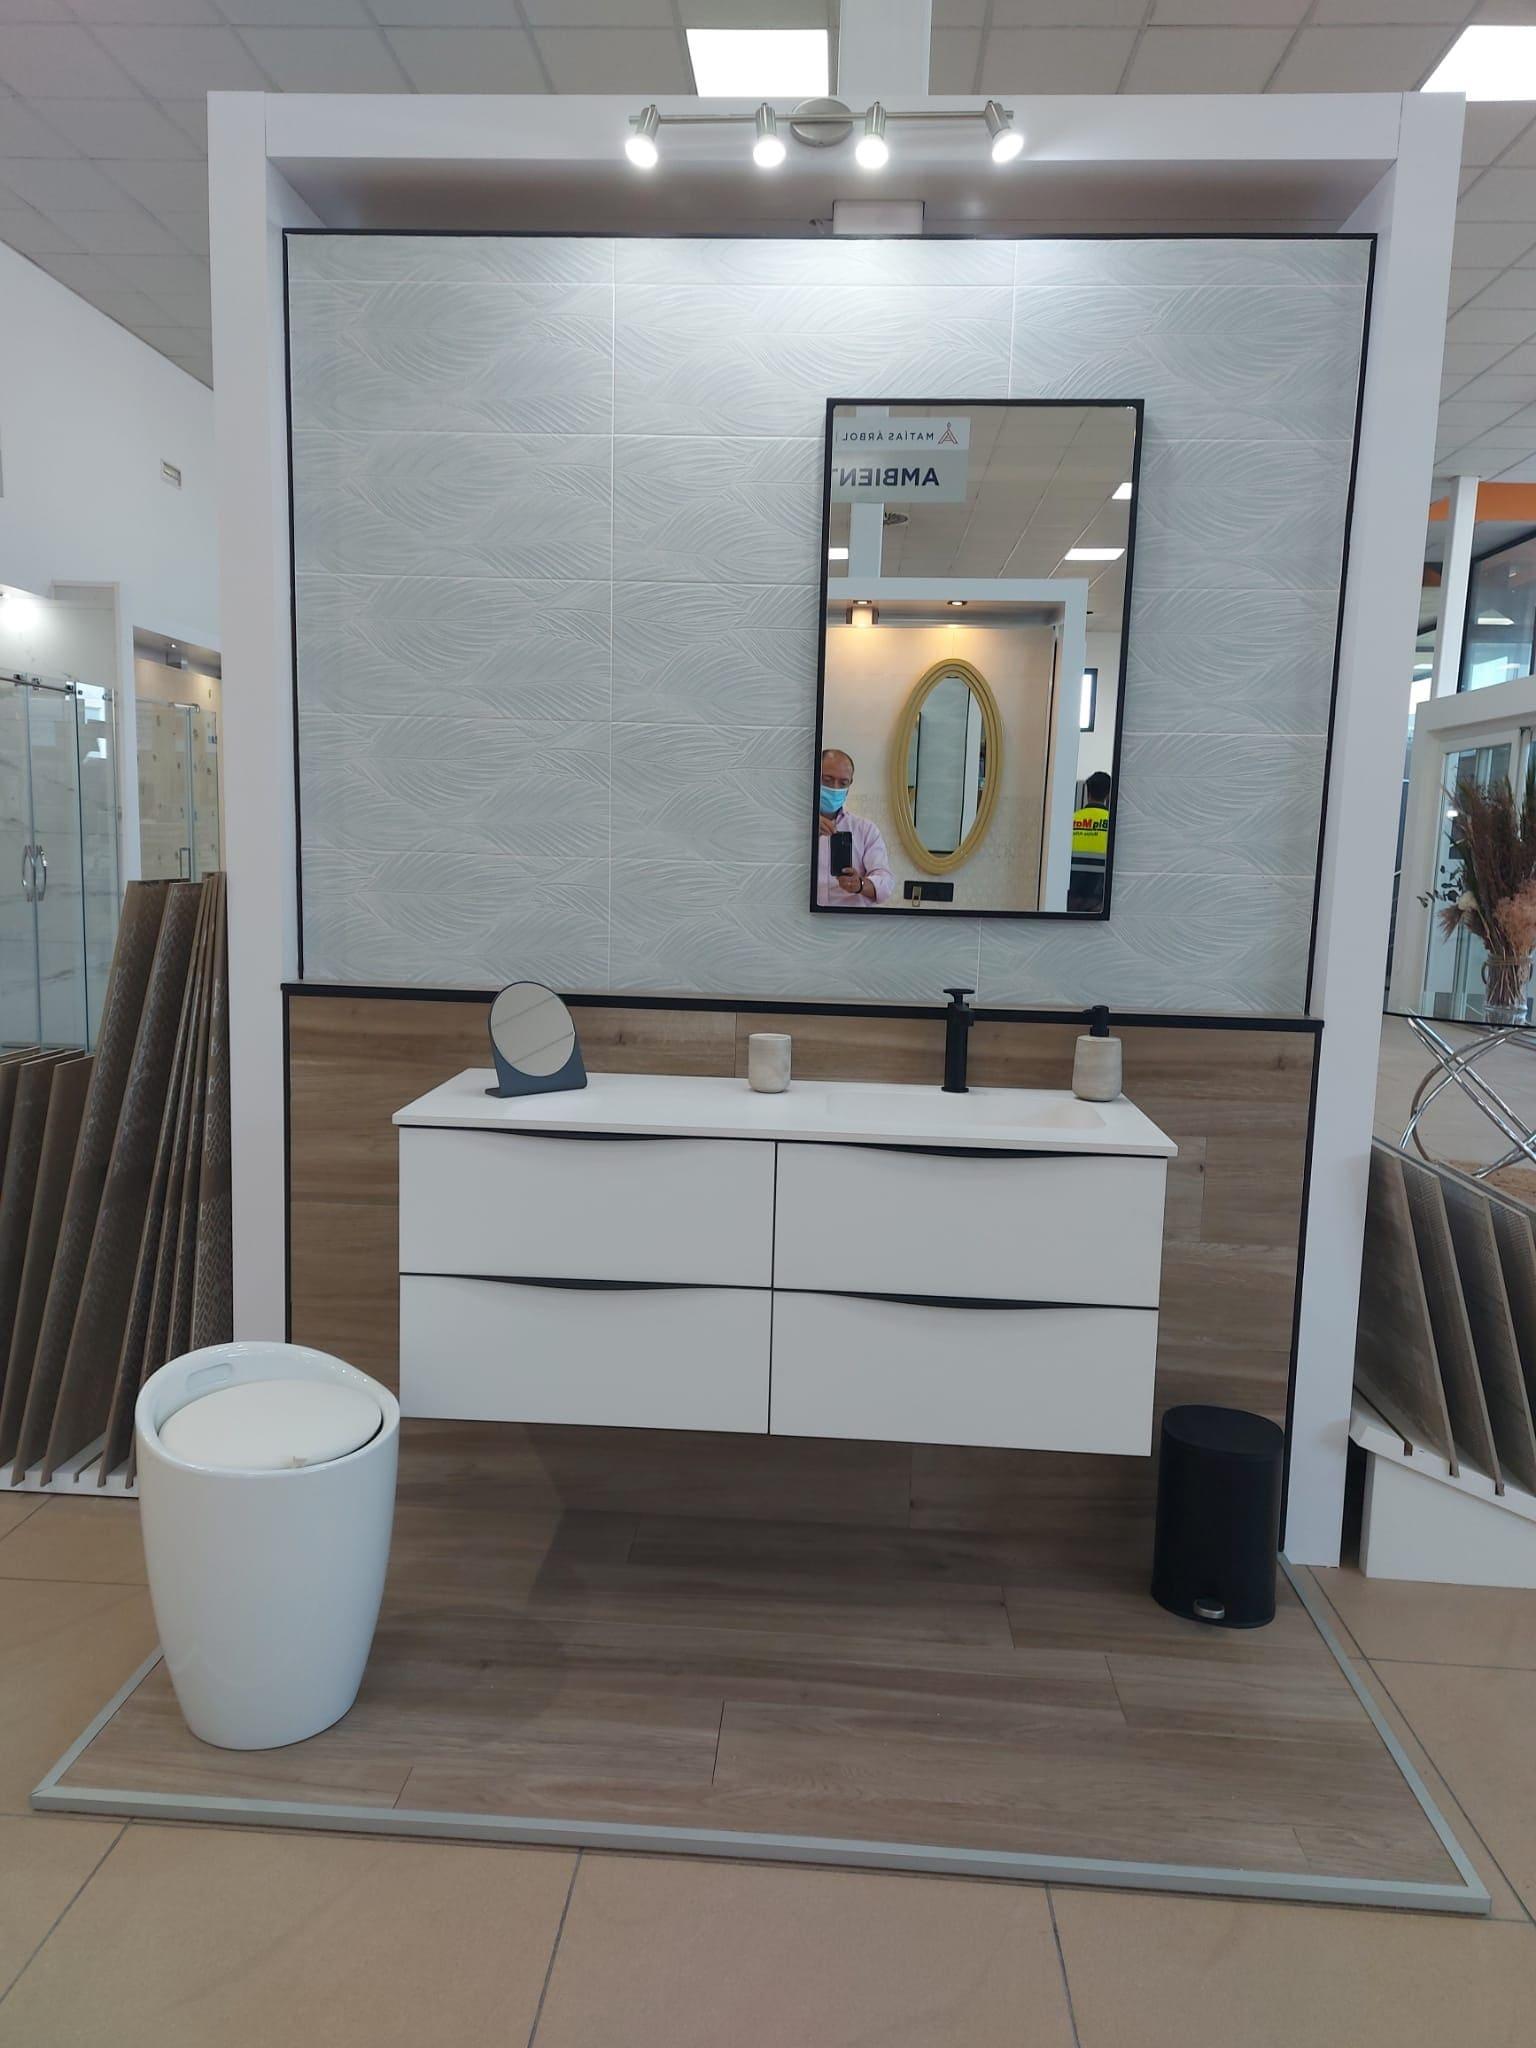 exposicion-banos-ceramica-mueble-lavabo Exposición Azulejos Cerámica y Baño